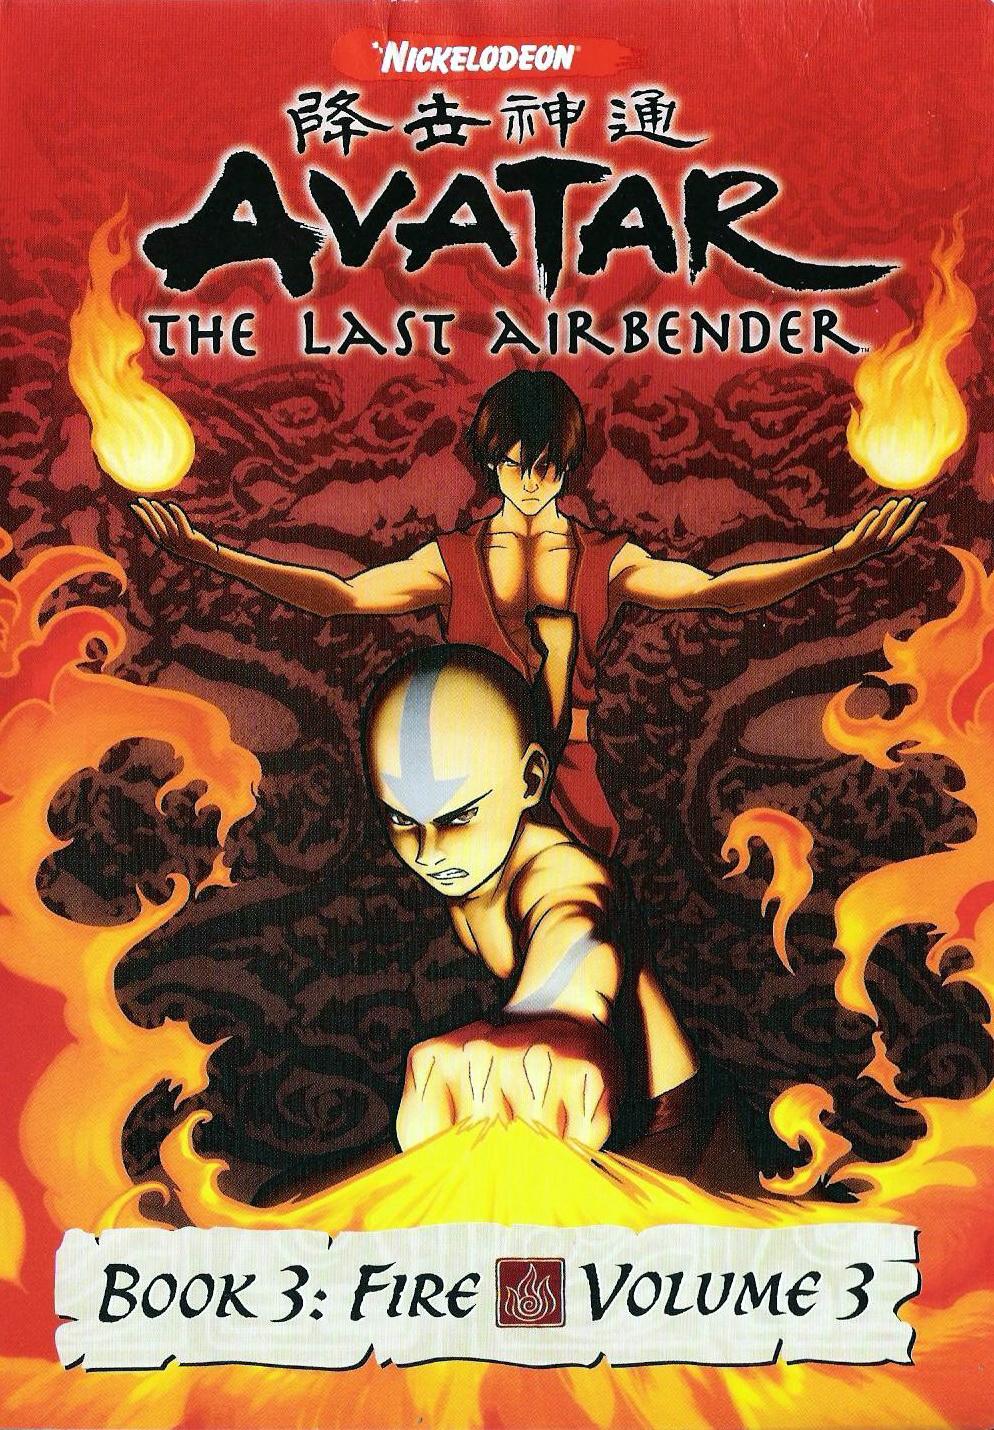 аватар 3 книга смотреть онлайн: